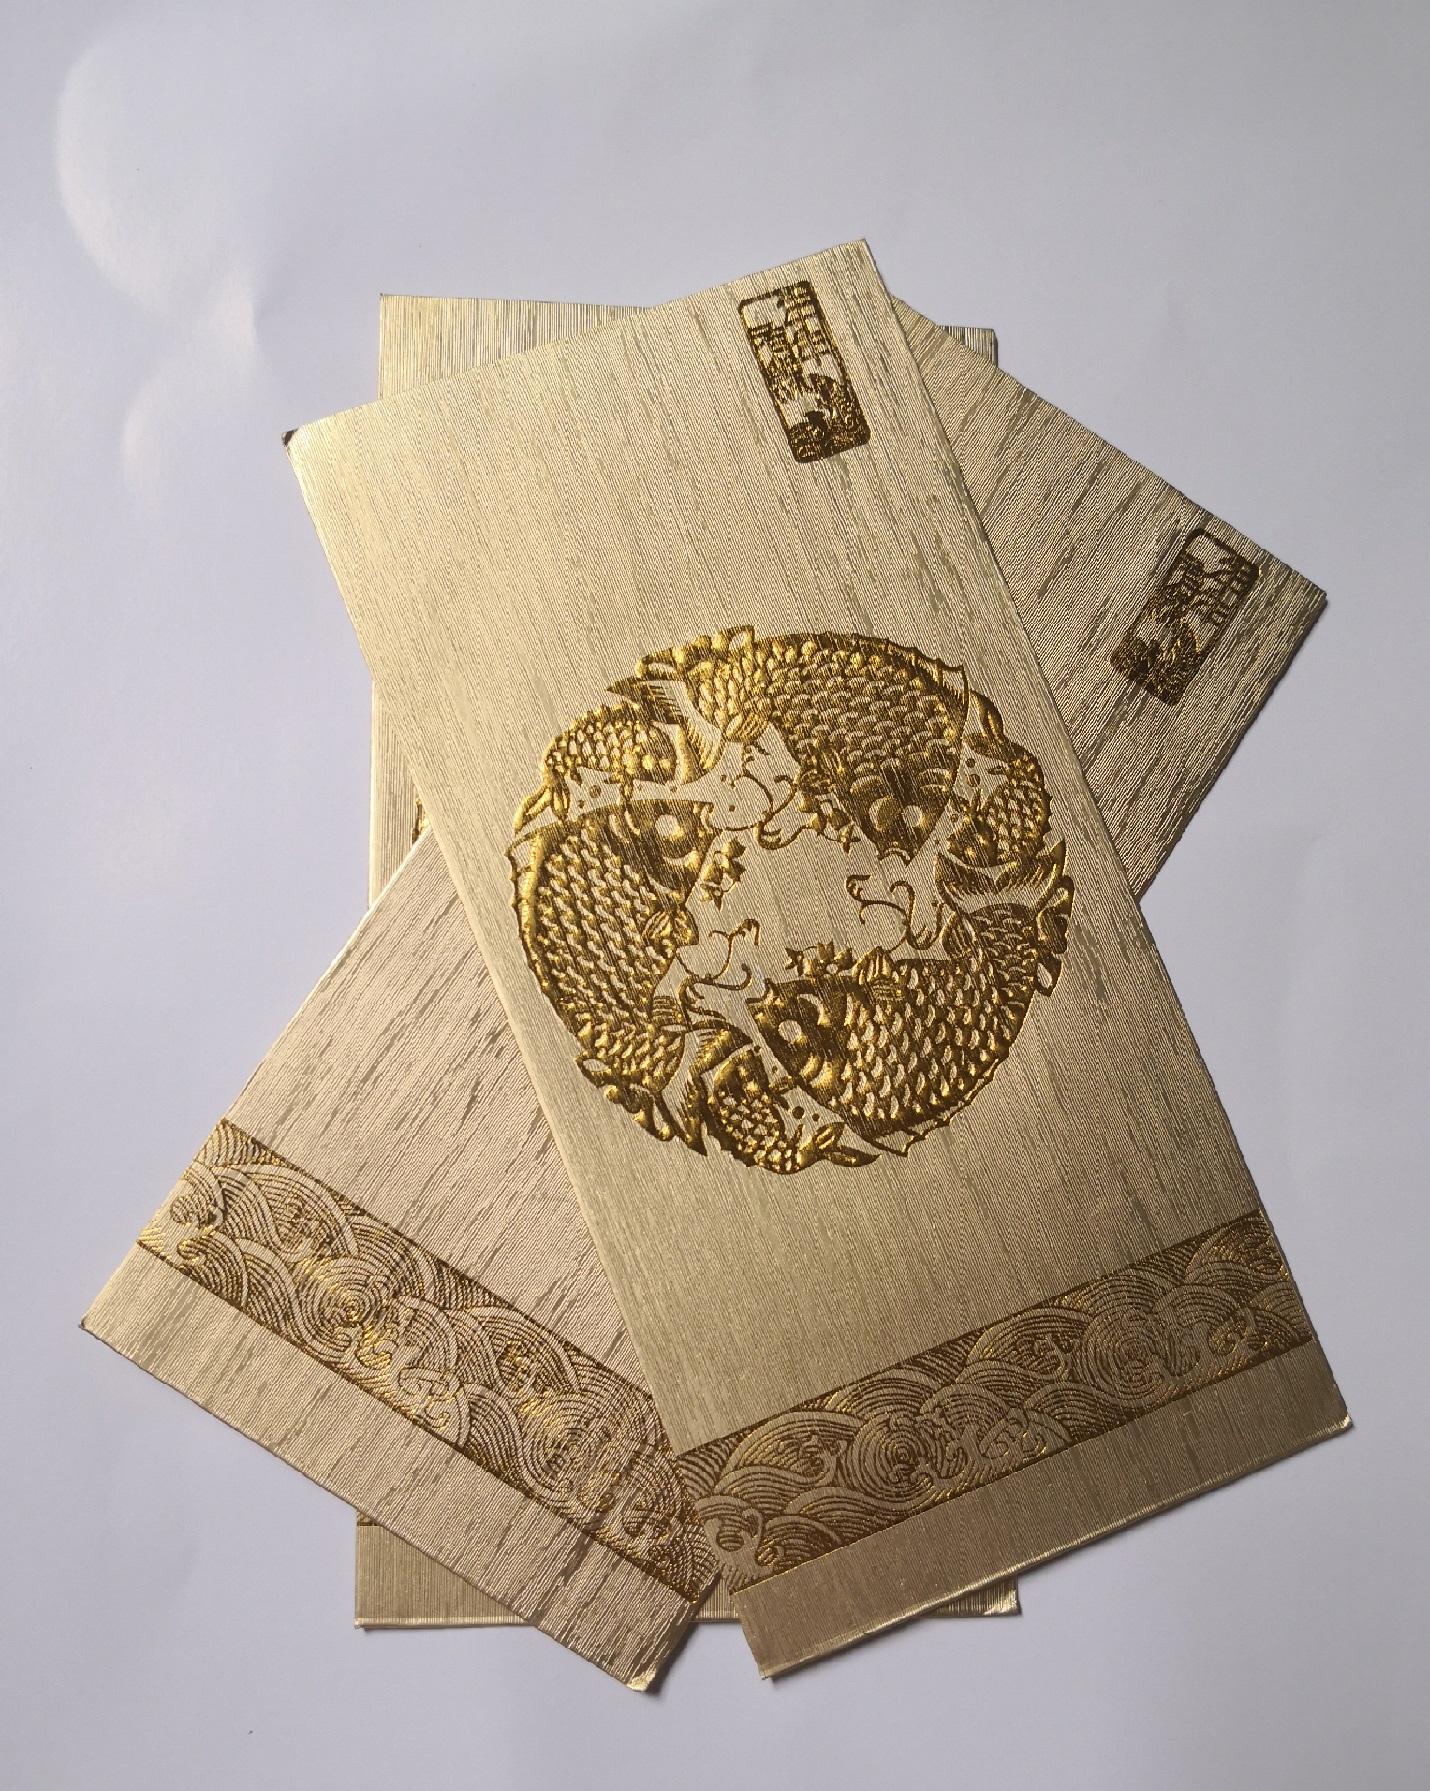 袋装红包印刷厂家新年红包印刷公司新款图案批量印刷厂商大兴安岭